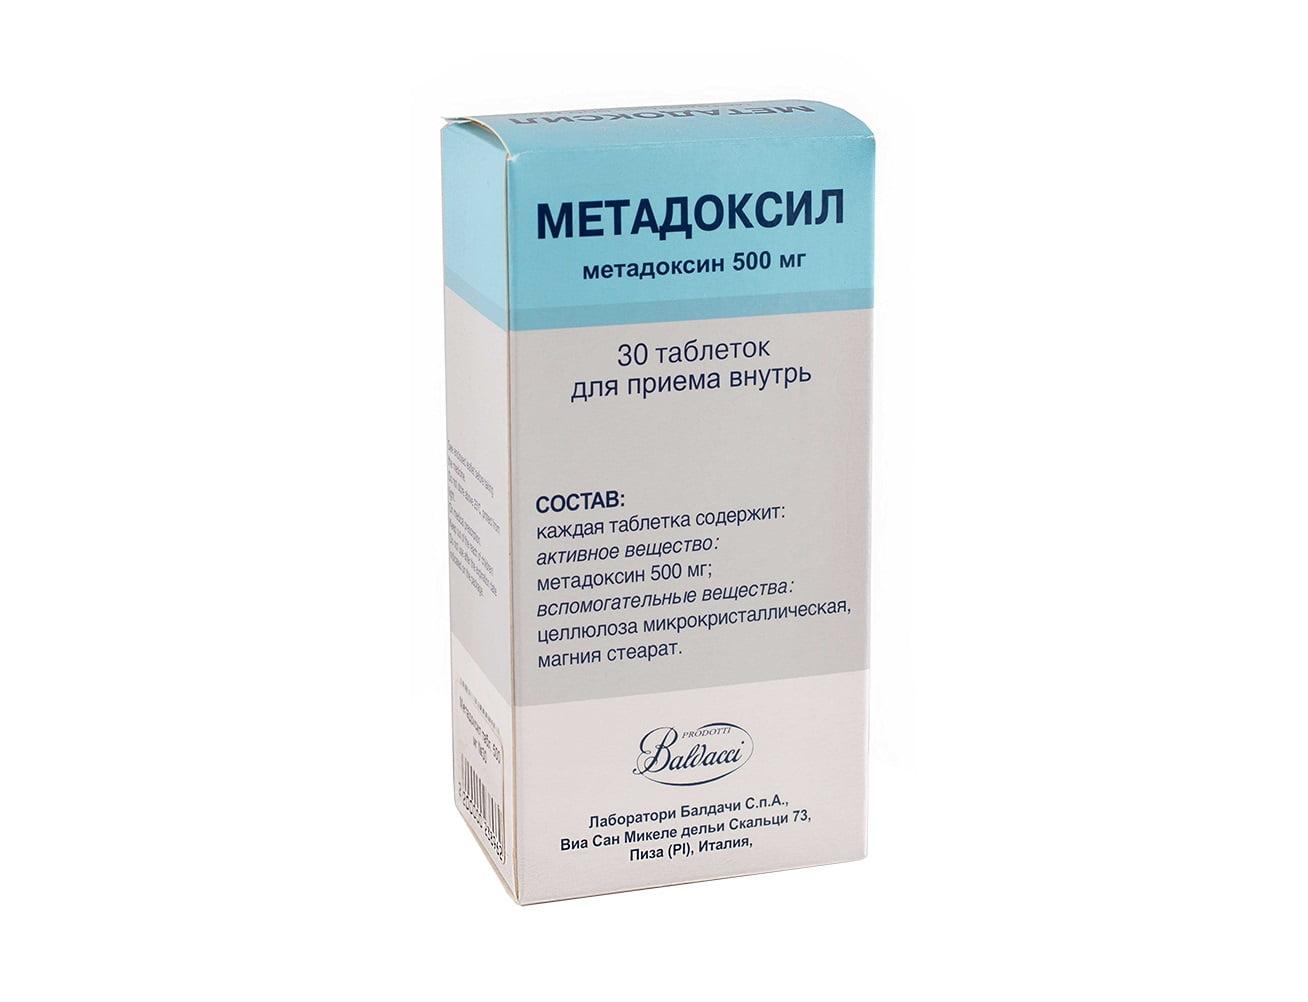 Метадоксил: инструкция, показания и противопоказания